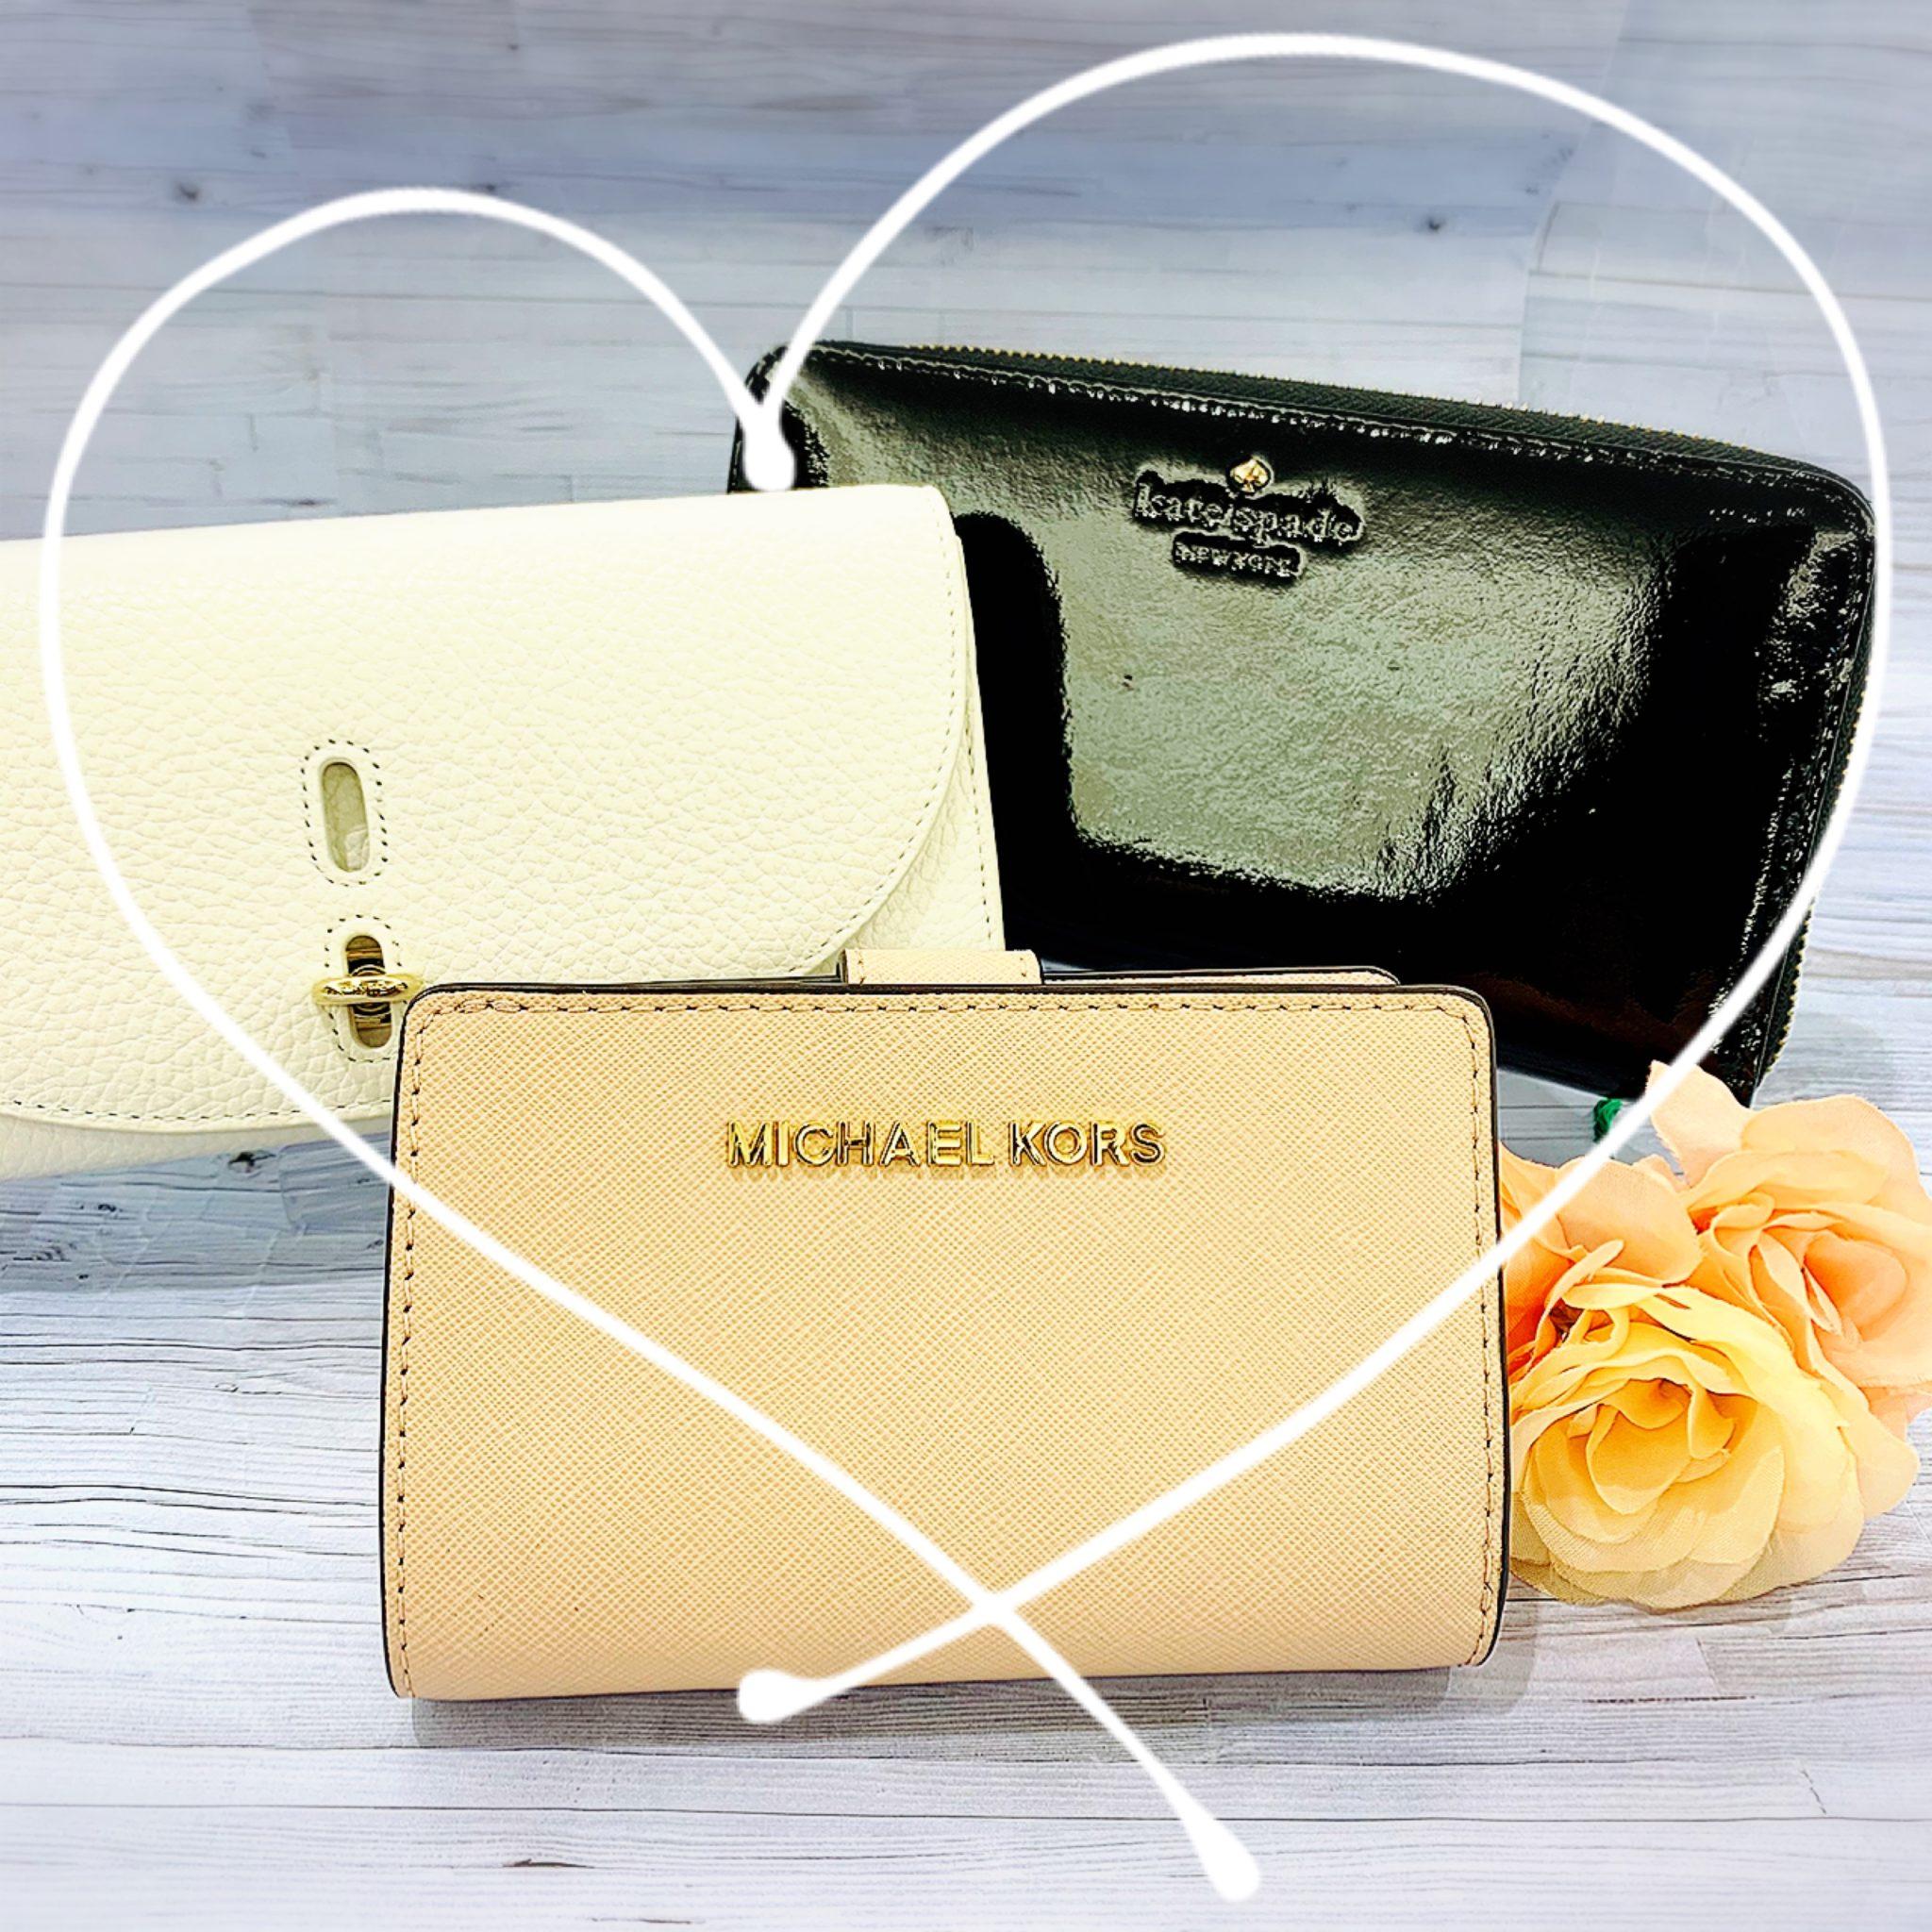 【ブランド 販売 盛岡】LINEのお友だち限定♡11/7・11/8の2日間セールで買えるお財布